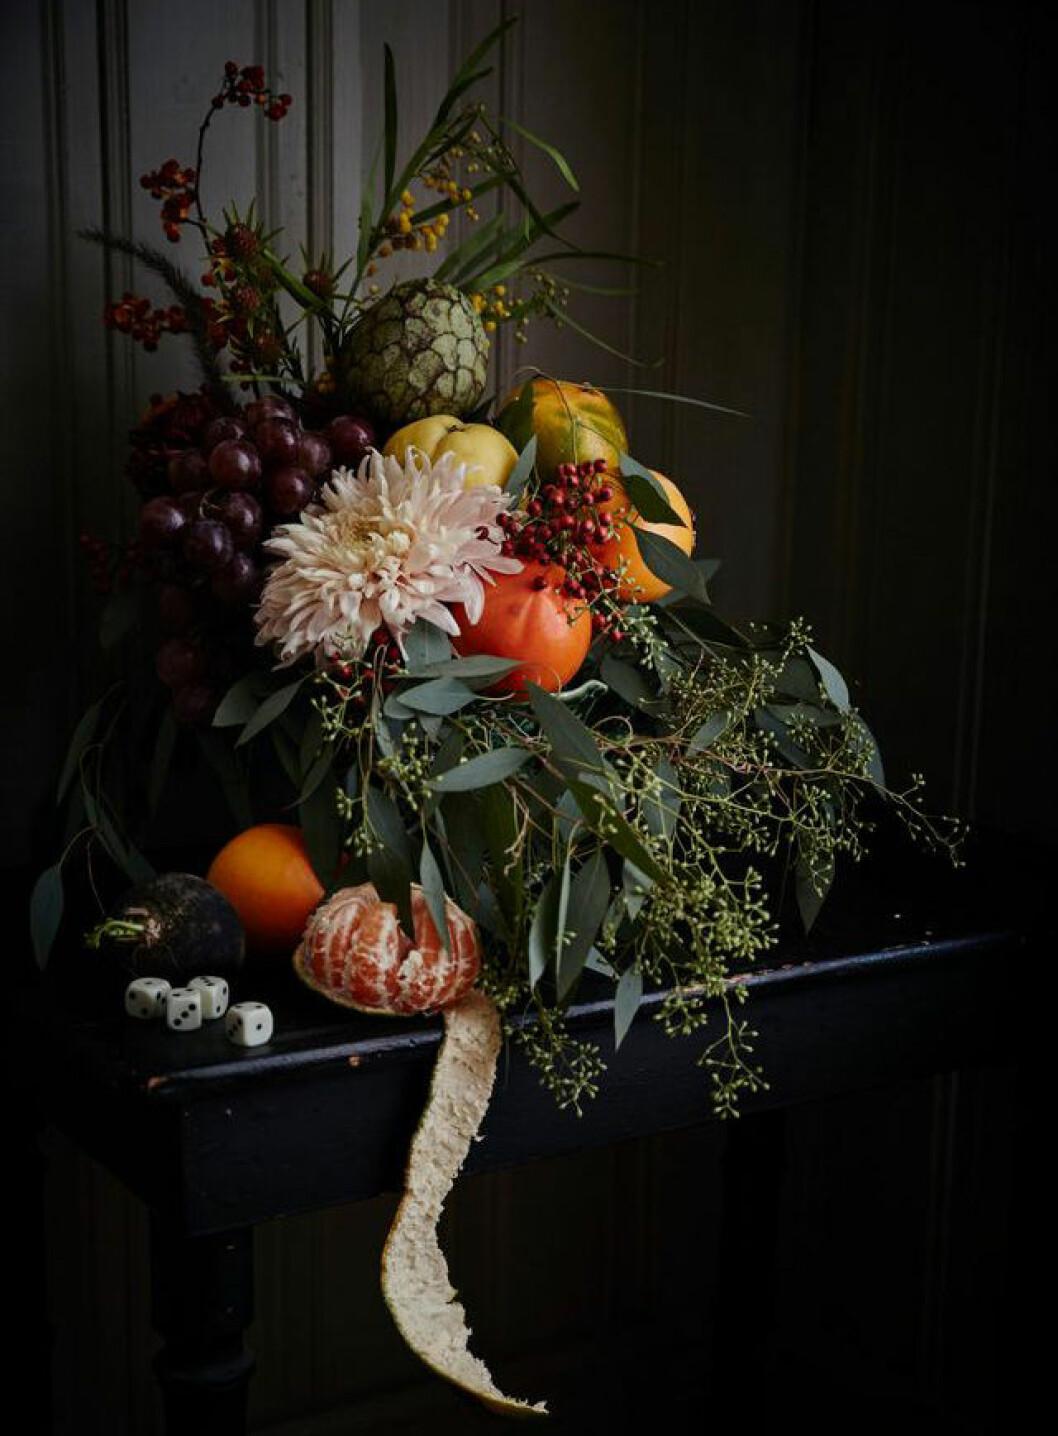 Dekorativ bukett med blandning av blommor, bär och frukt.